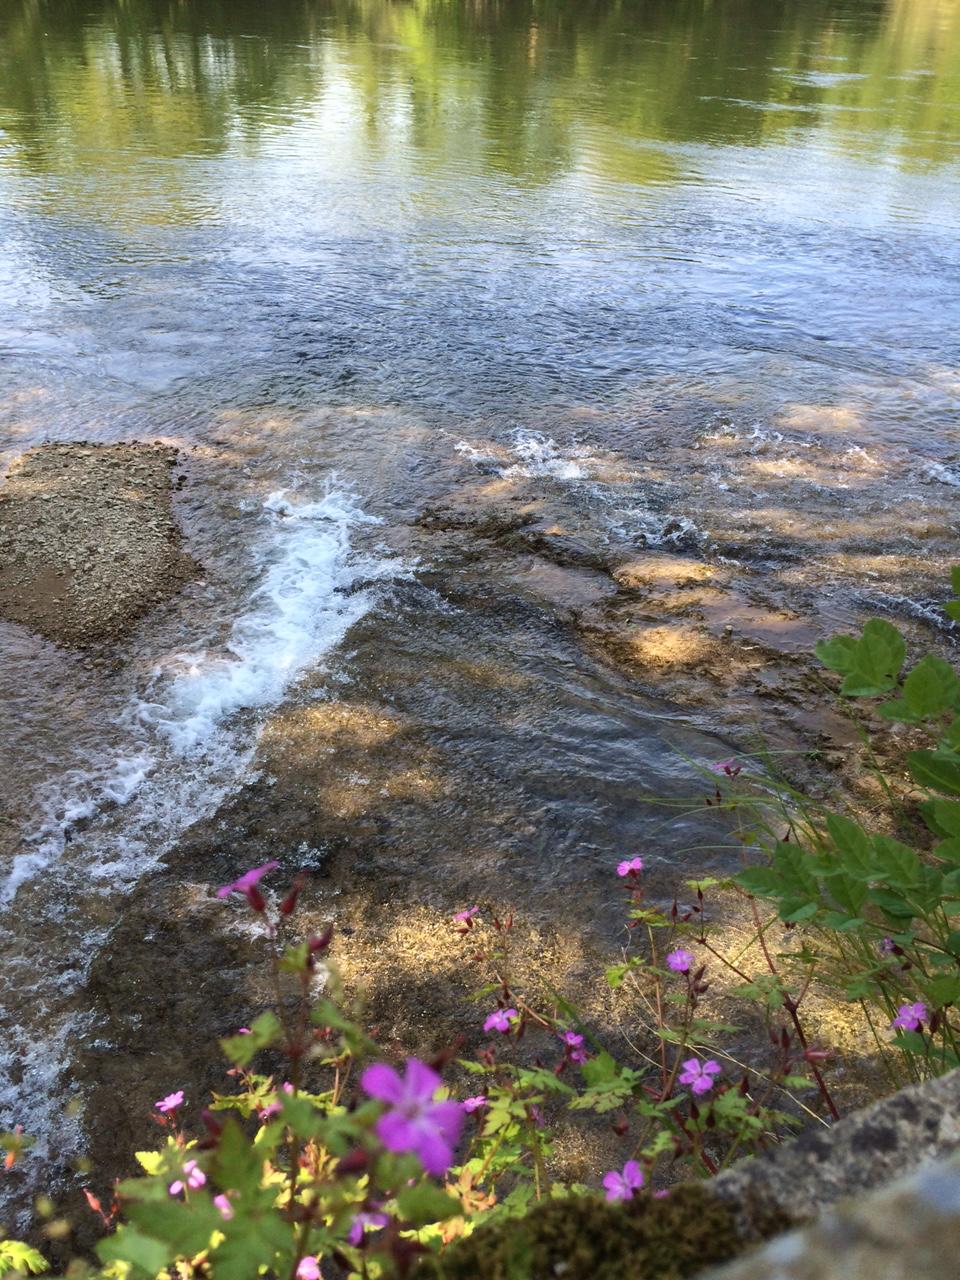 promenade_mai_2016_bord_de_riviere (3)